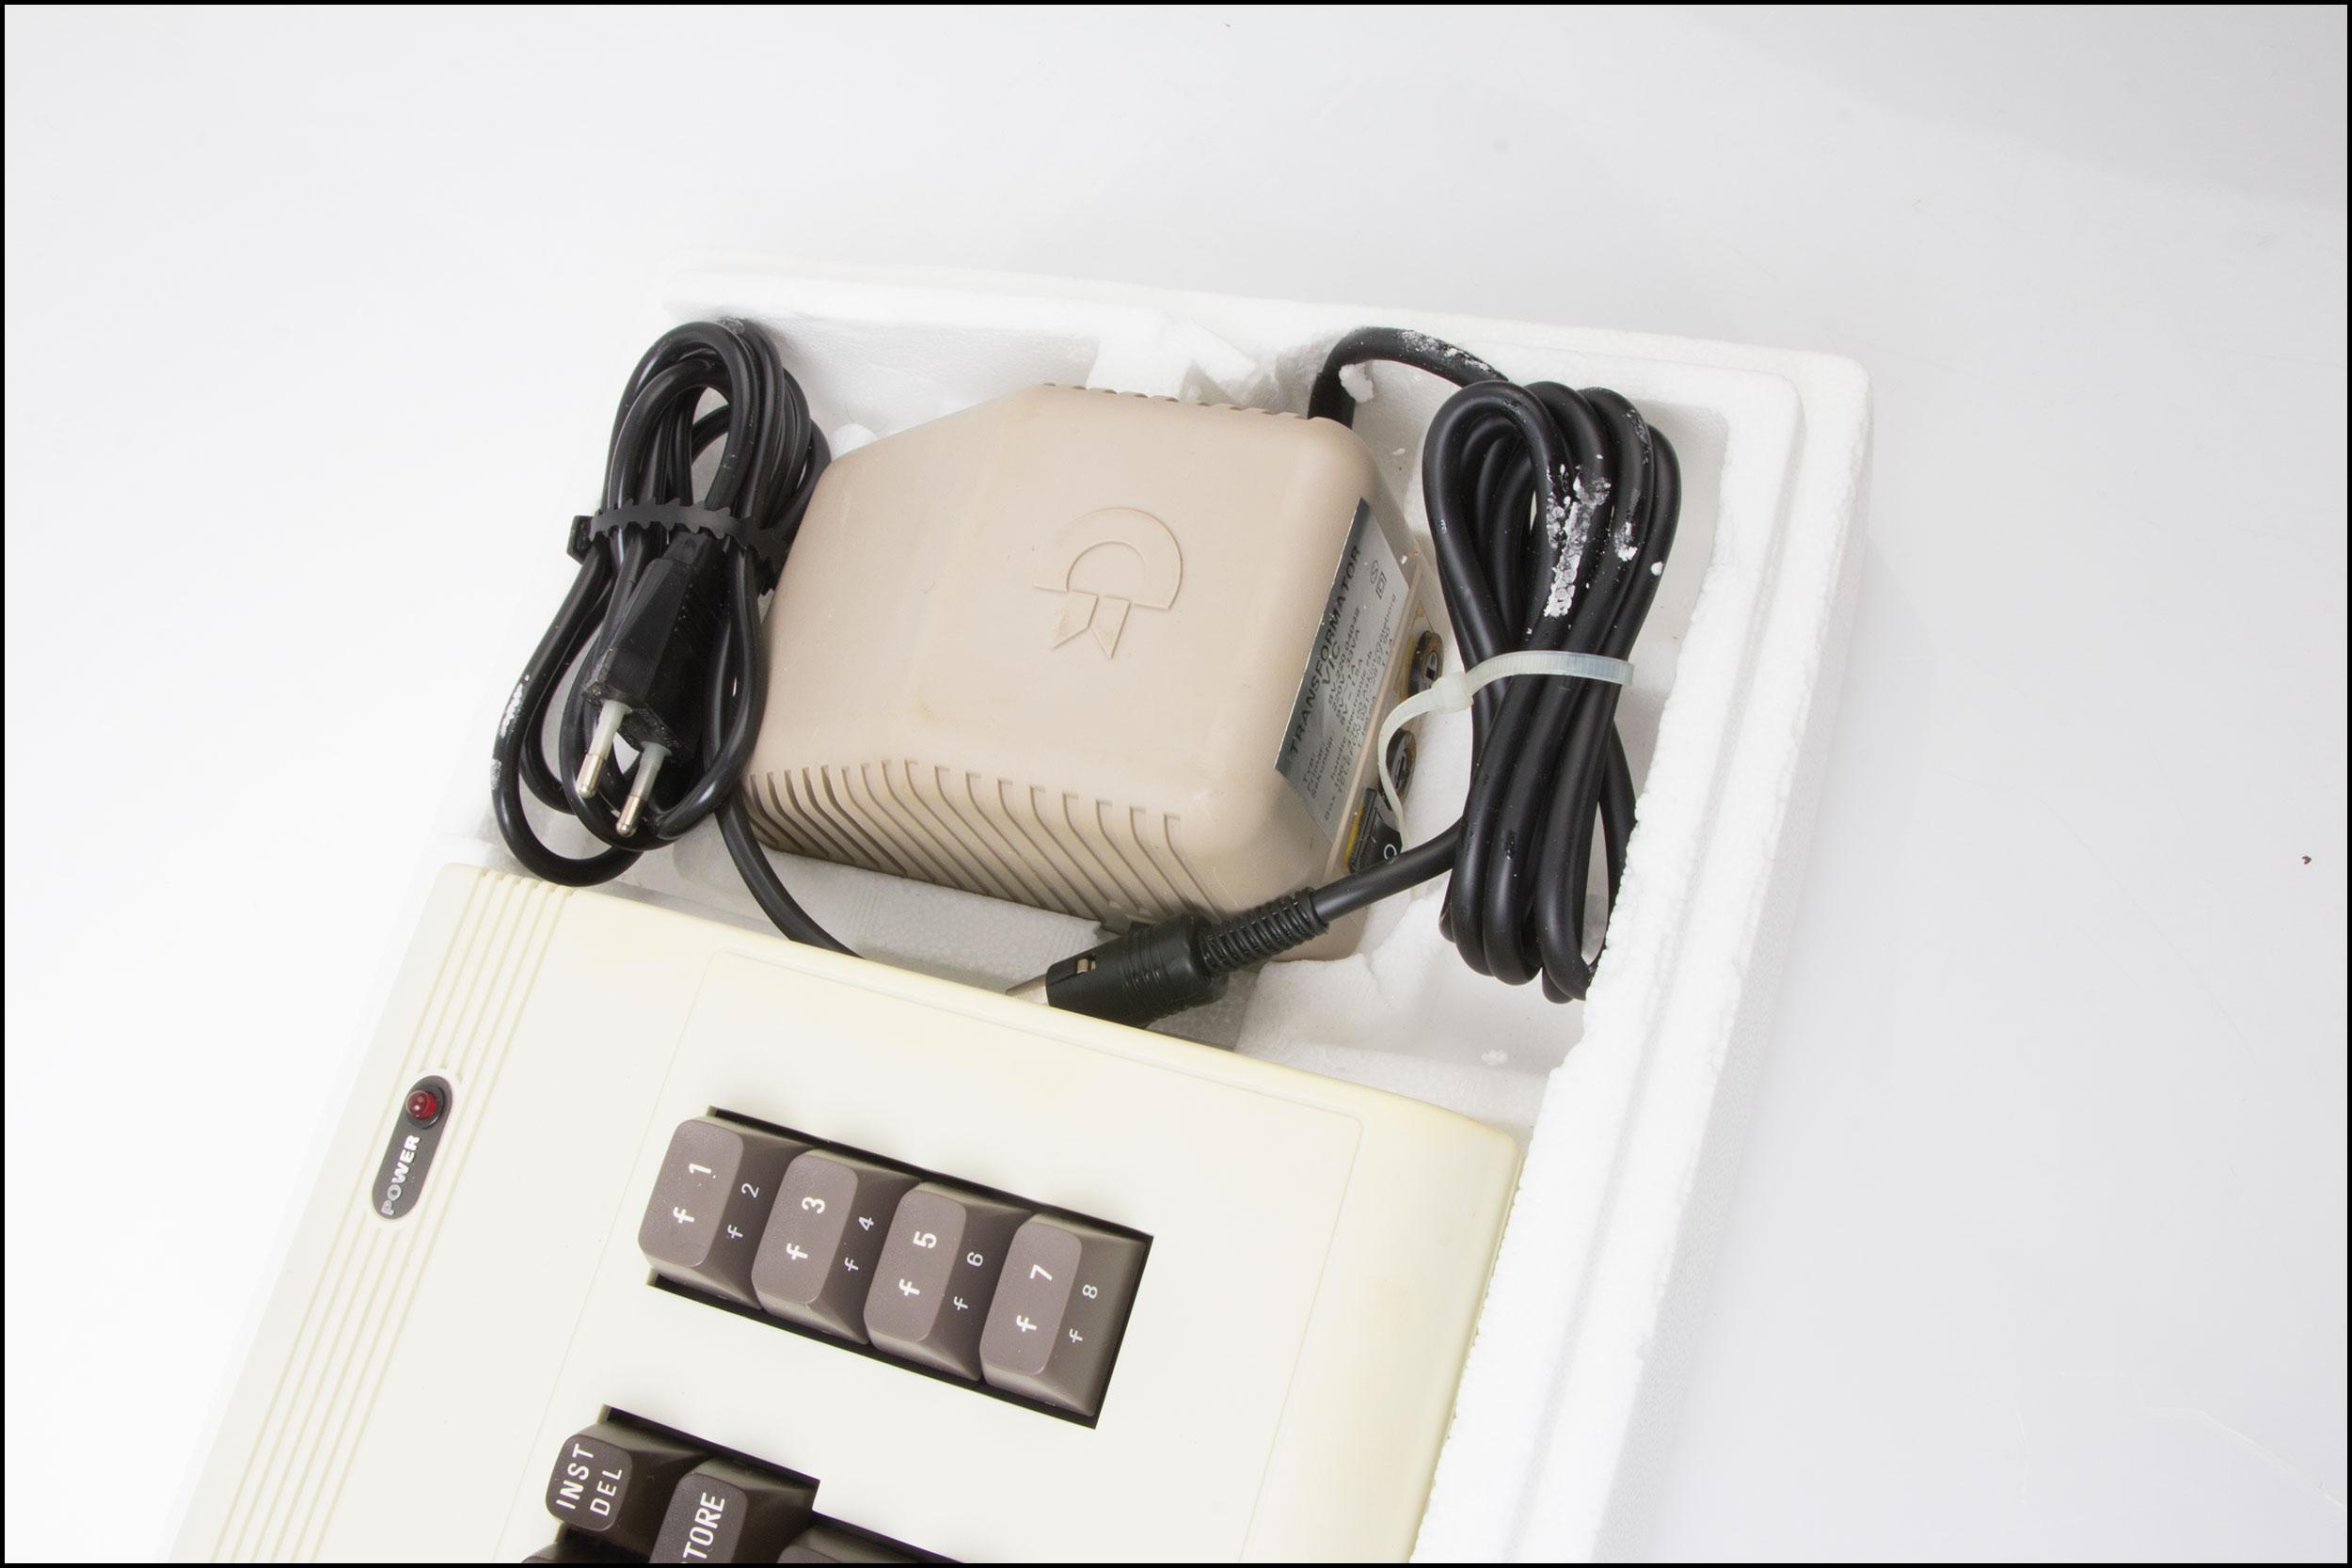 VIC 20 hadde en solid og tung strømforsyning.Foto: Jørgen Elton Nilsen, Hardware.no